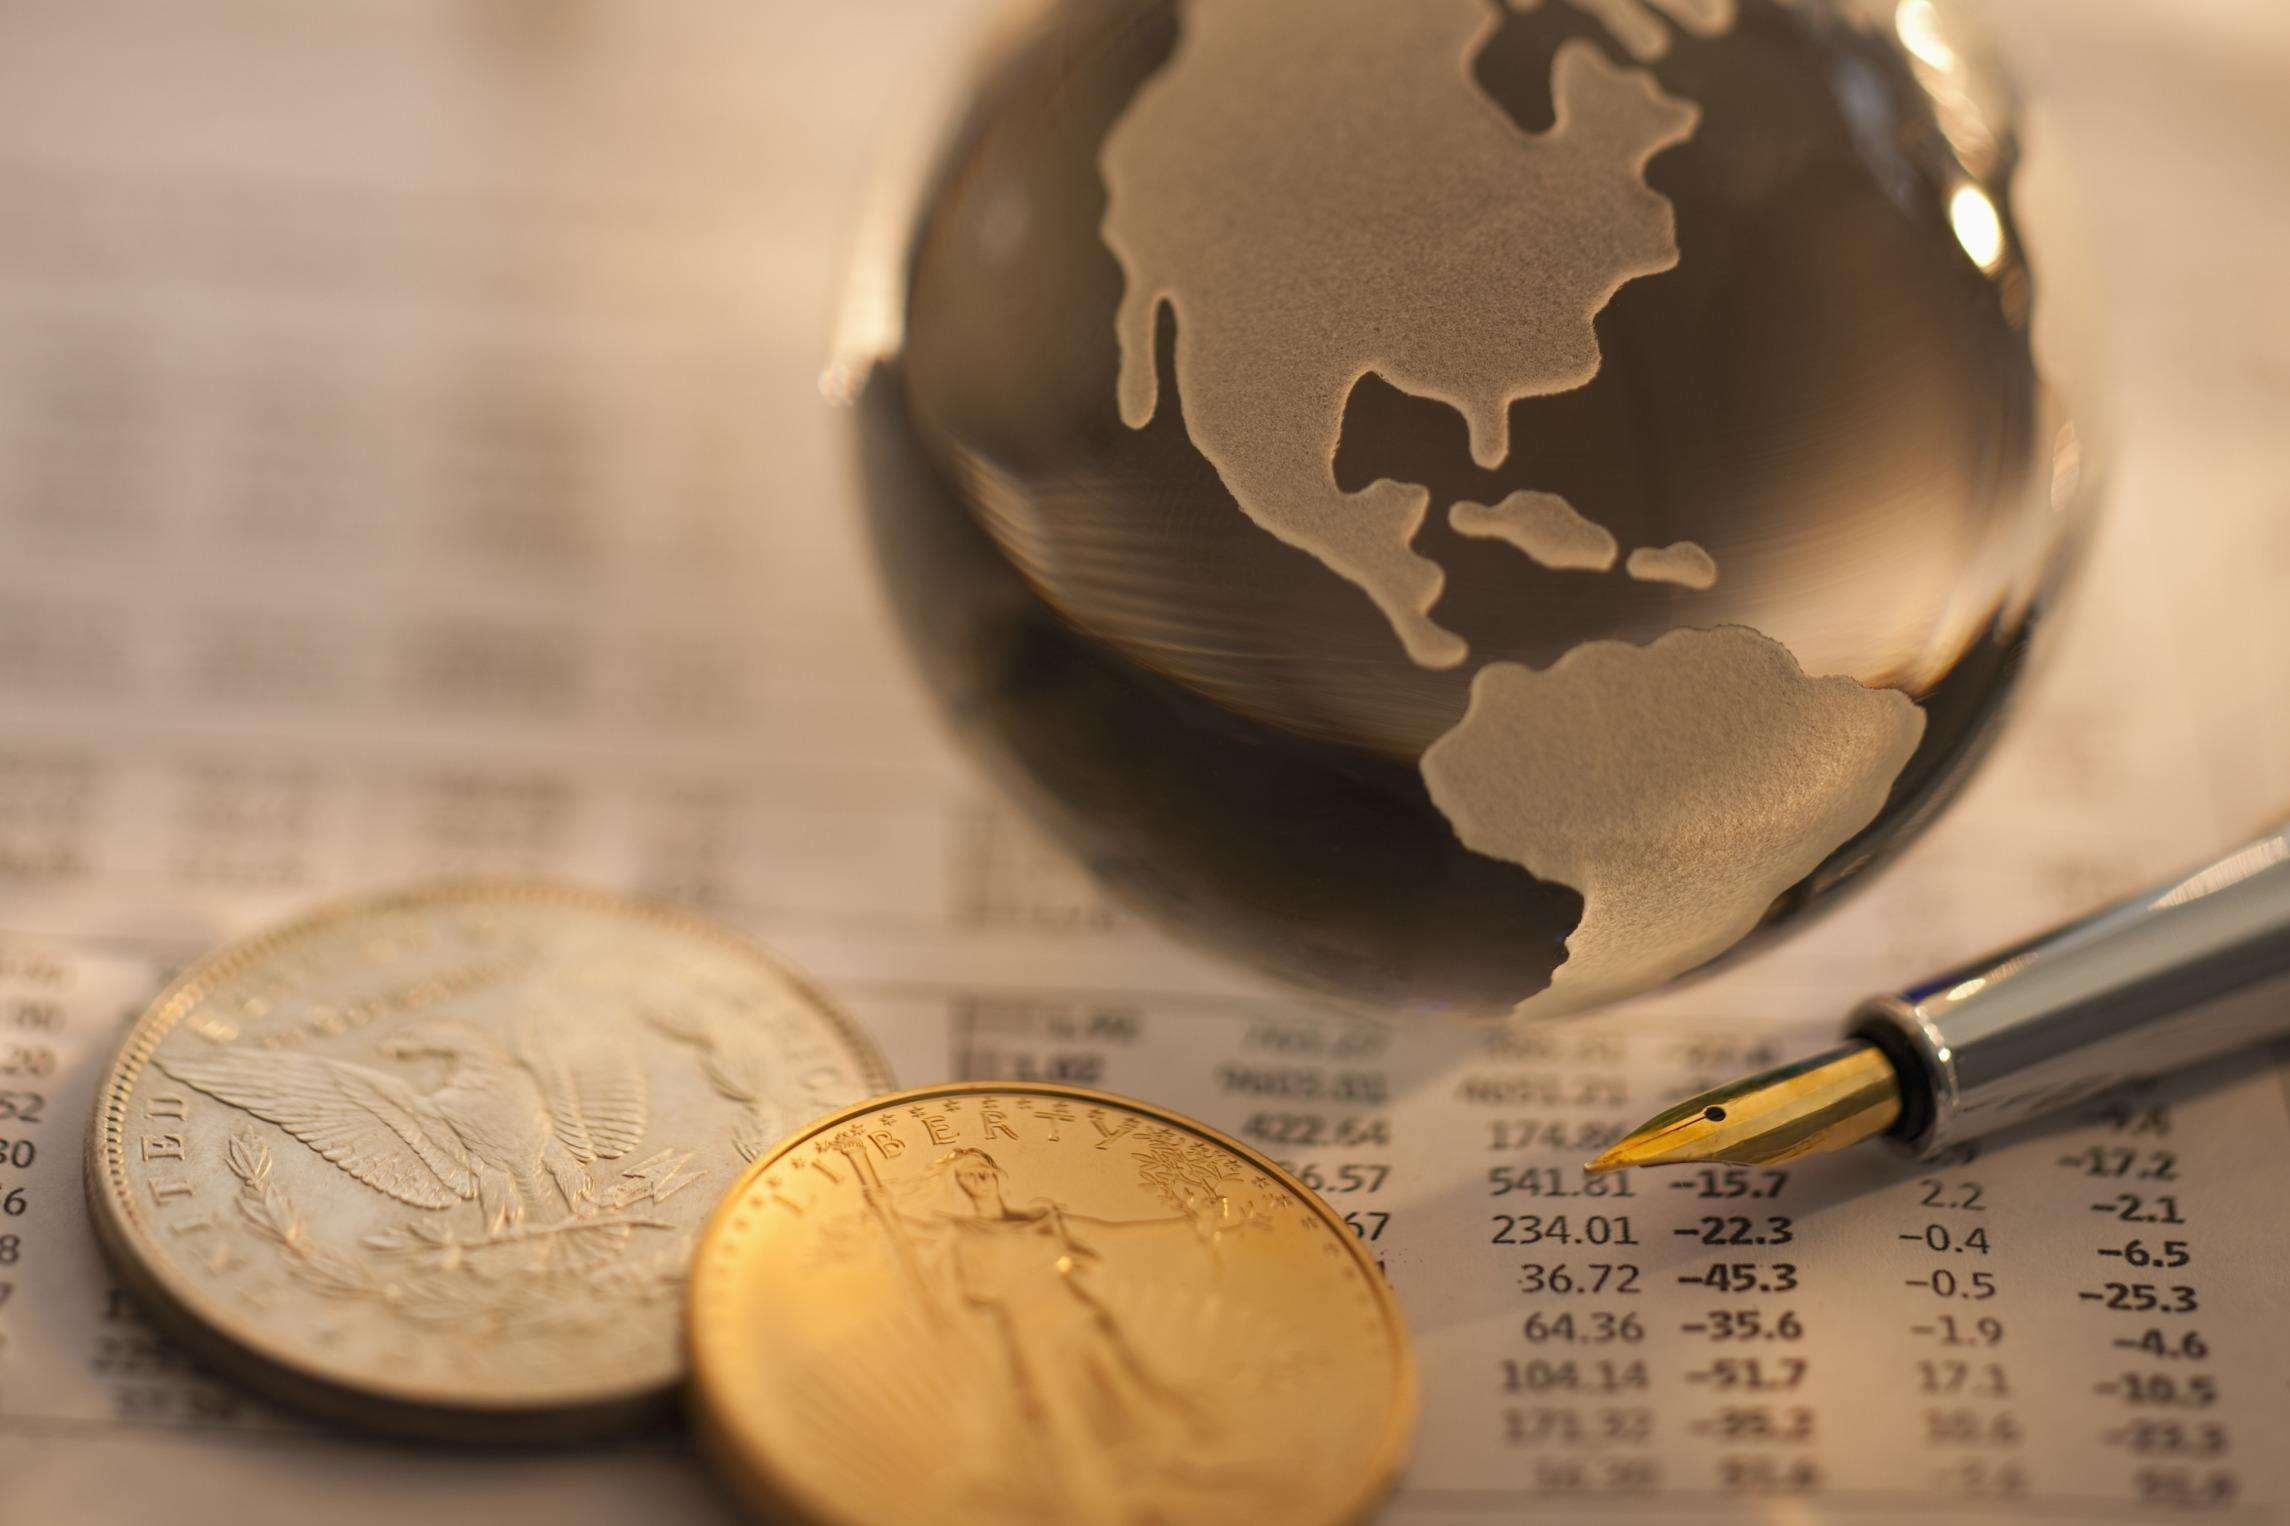 资金逆市入场!5月股票基金和混合基金份额显著增加